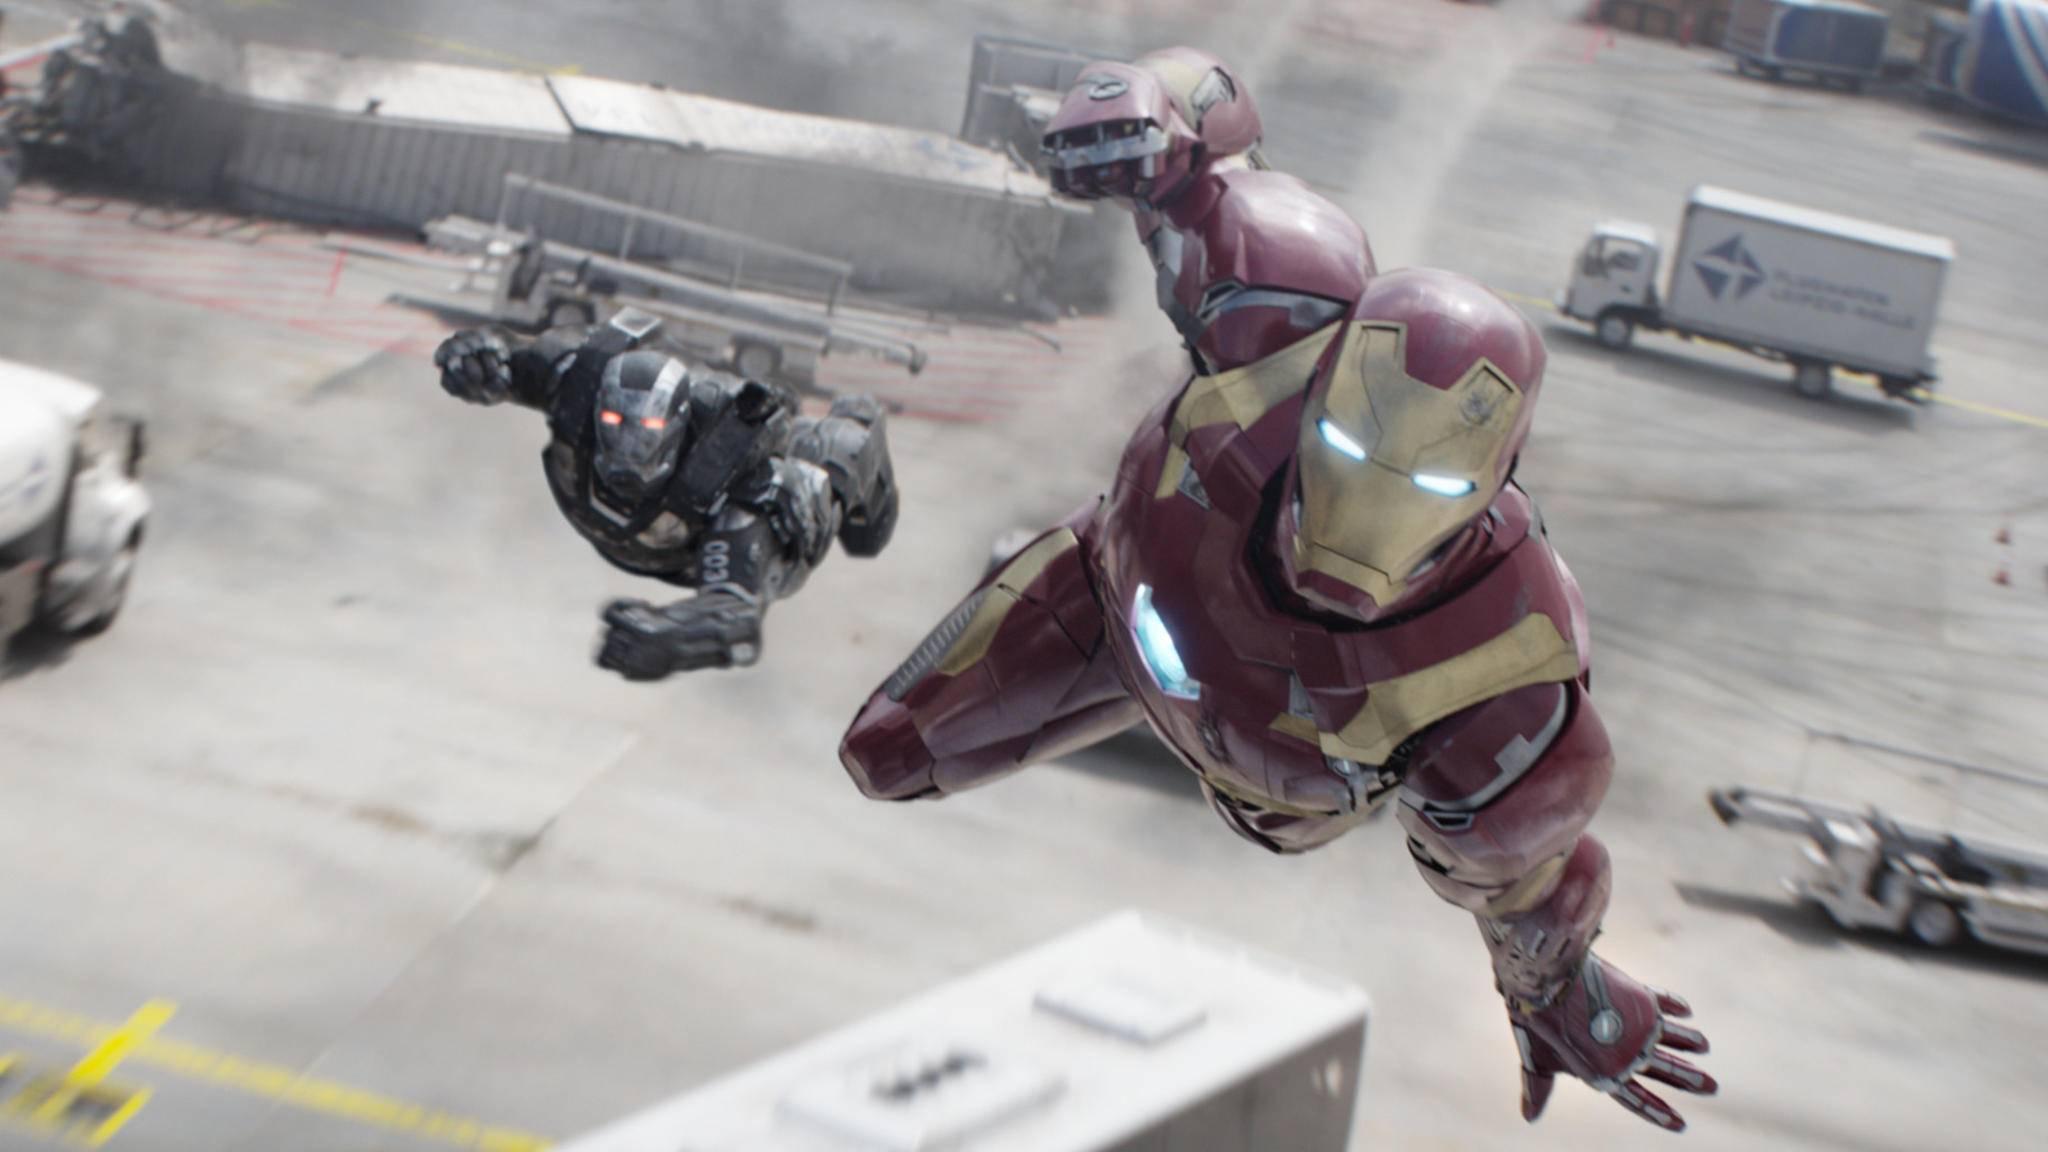 Fliegende Roboteranzüge sind ein Fall für die CGI-Abteilung! Bei Iron Man leistete sie überragende Arbeit.